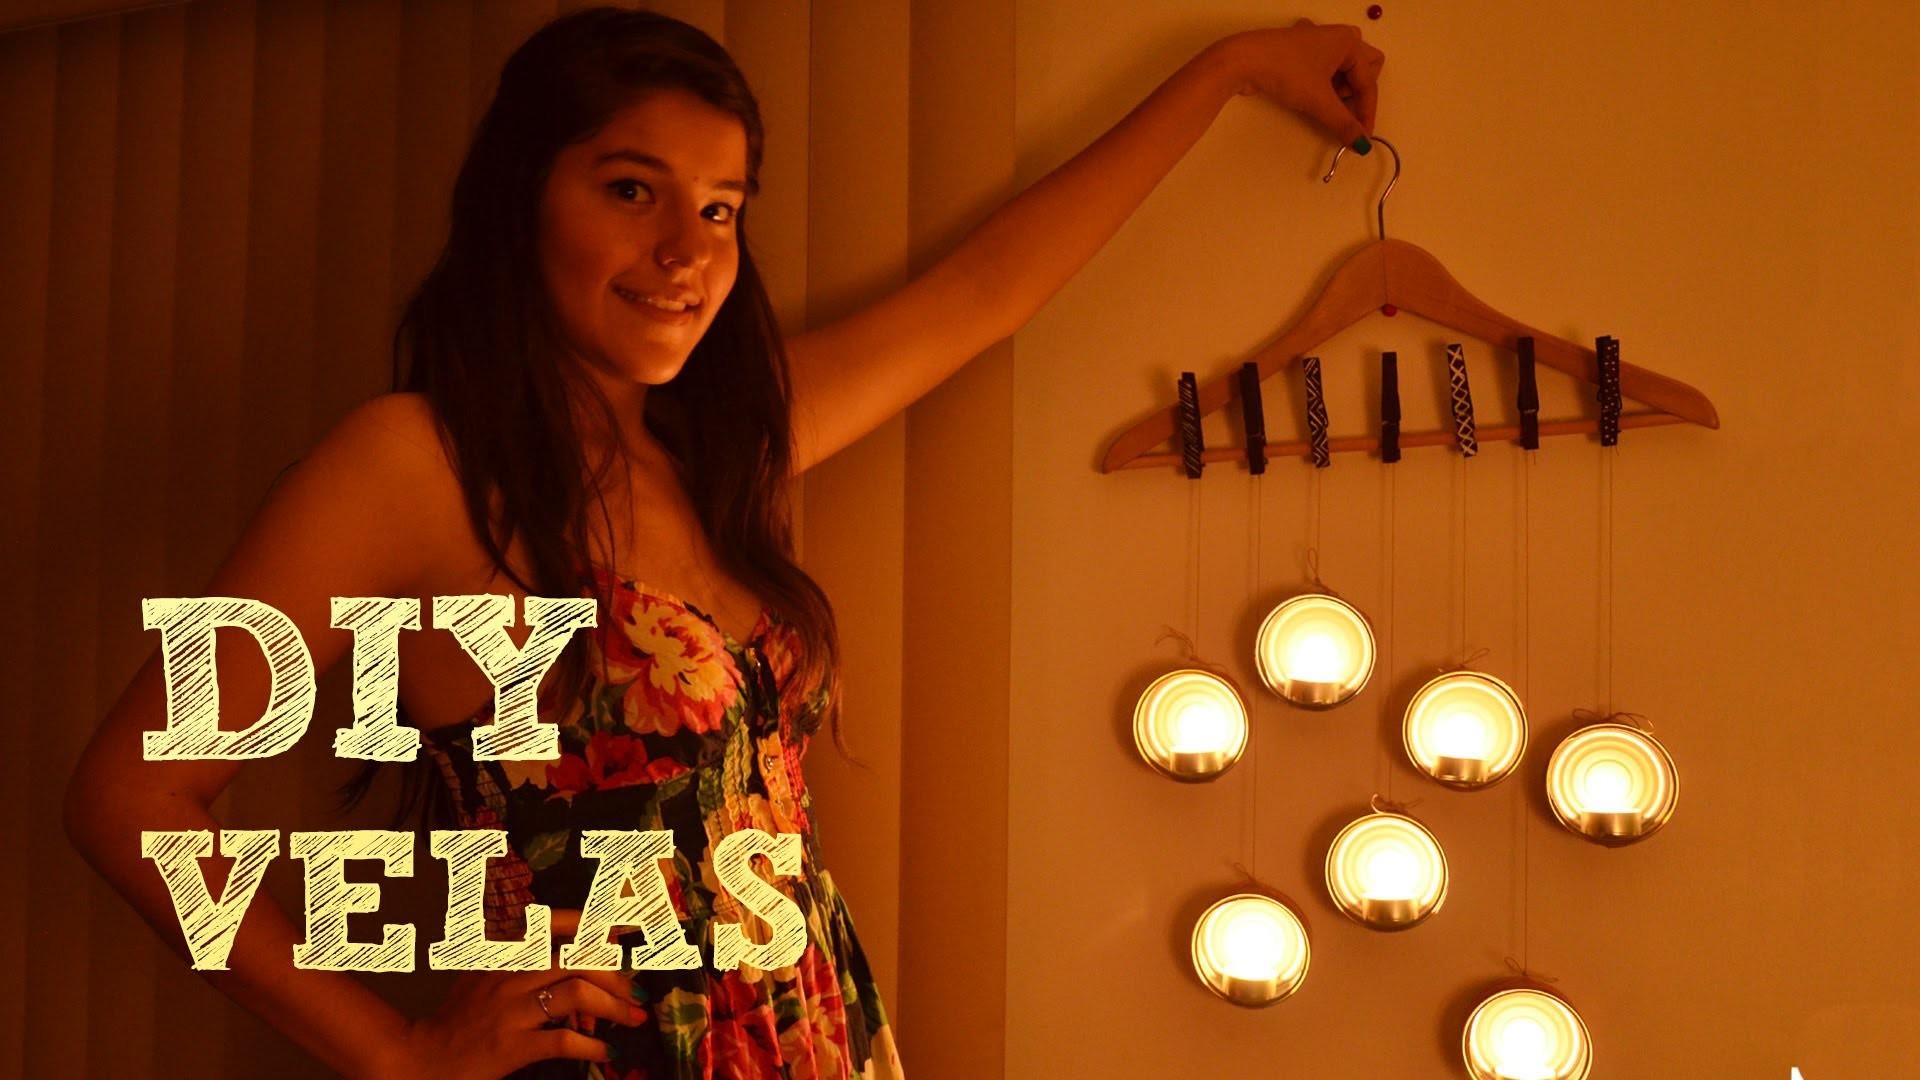 Decora tu habitación DIY | Velas | Ideas para decorar tu cuarto DIY | Hazlo tu mismo | Manualidades